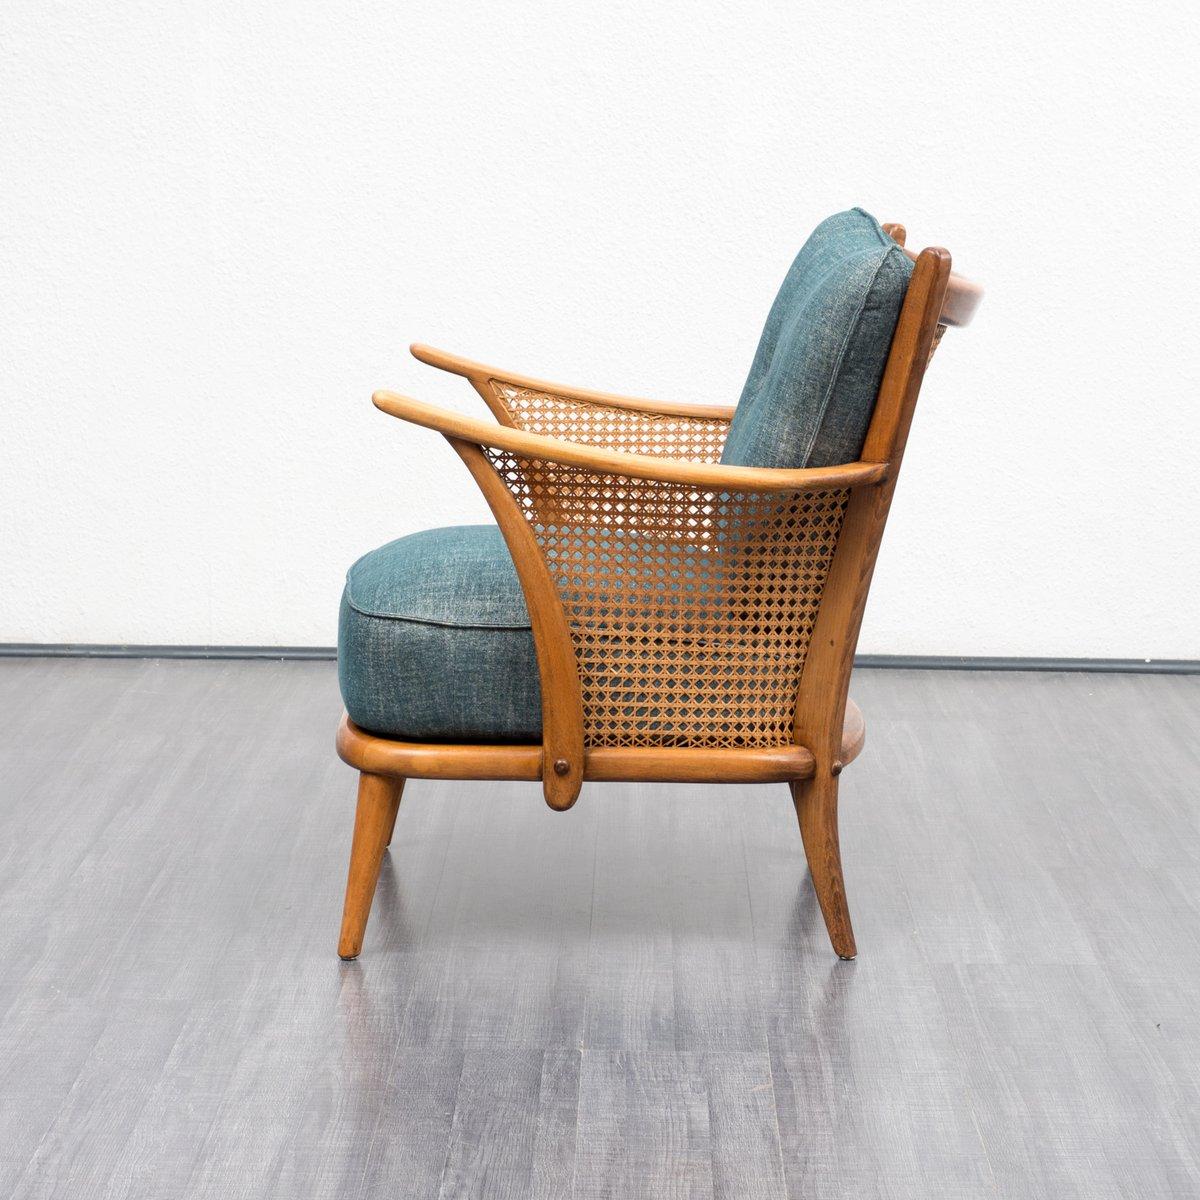 Sessel mit Wiener Geflecht 1950er bei Pamono kaufen